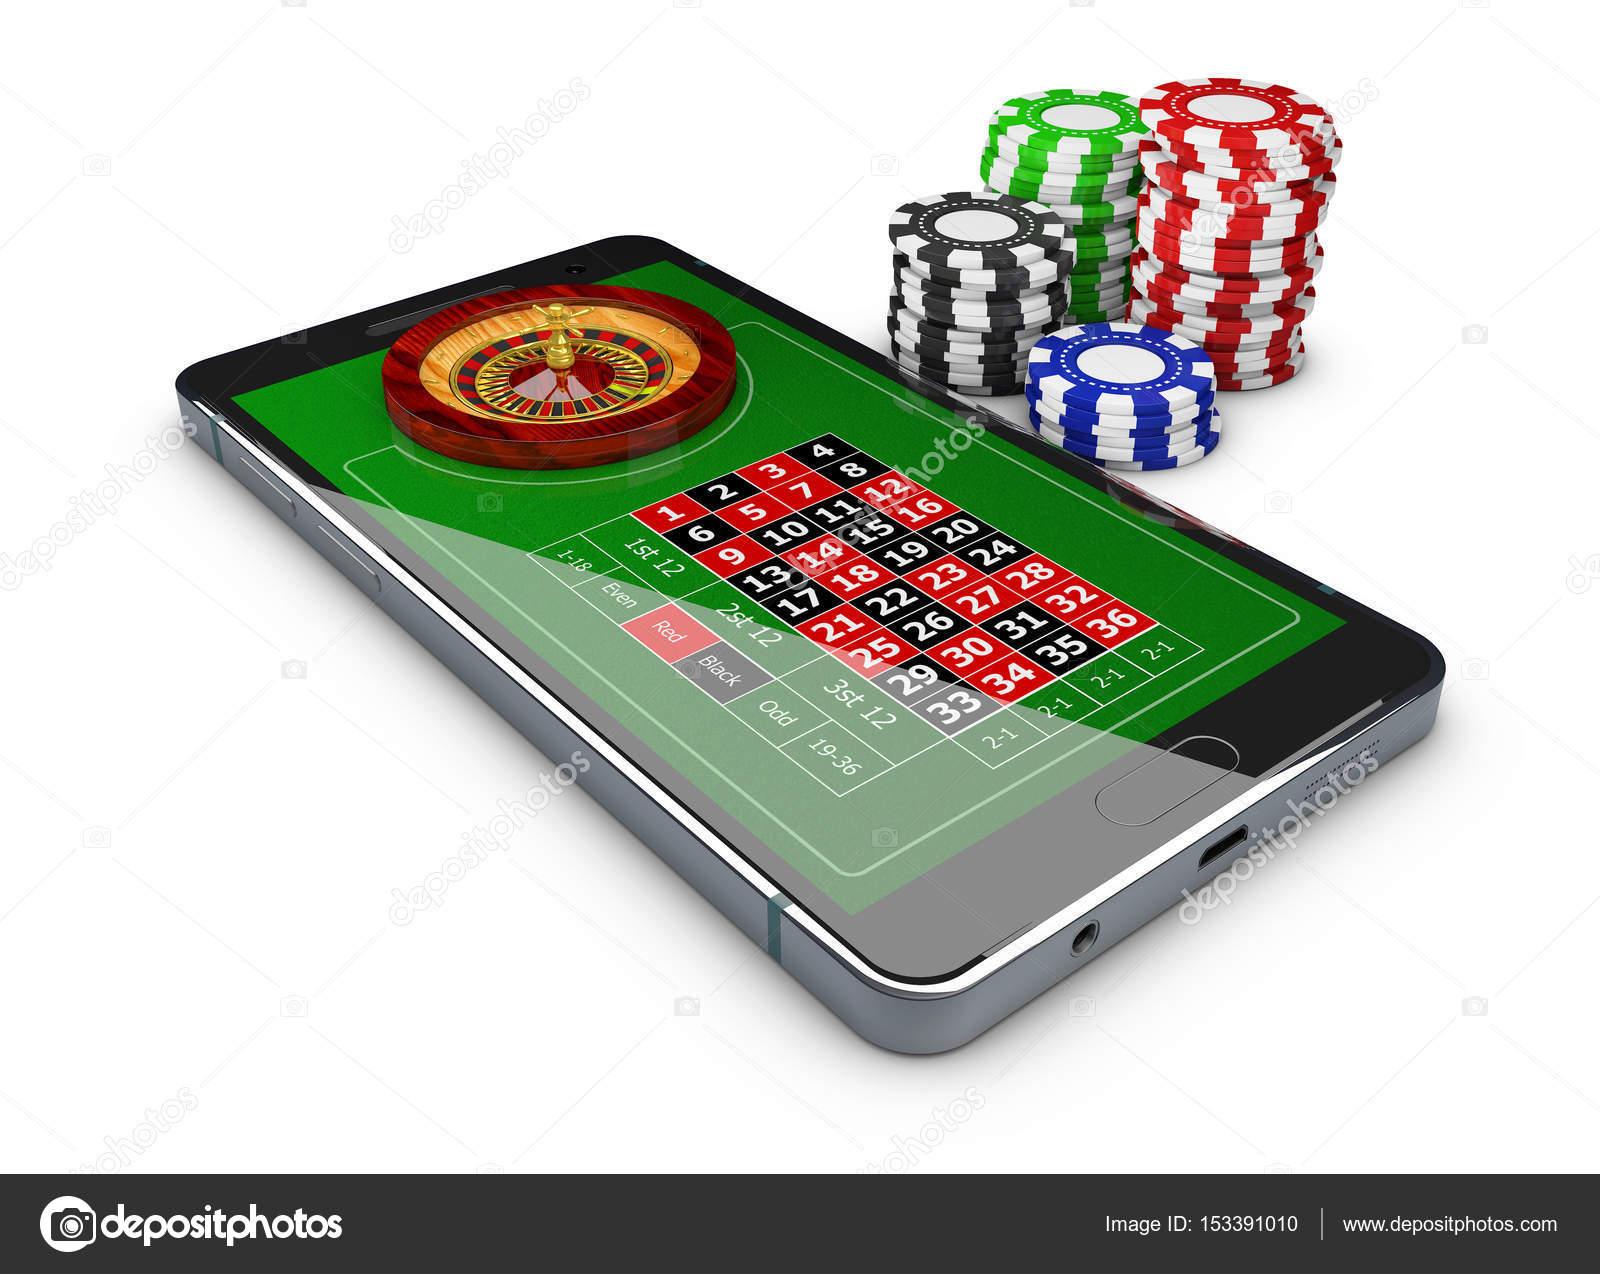 Рулетка в казино скачать 3d игру приложение Вулкан играть на телефон Видно поставить приложение